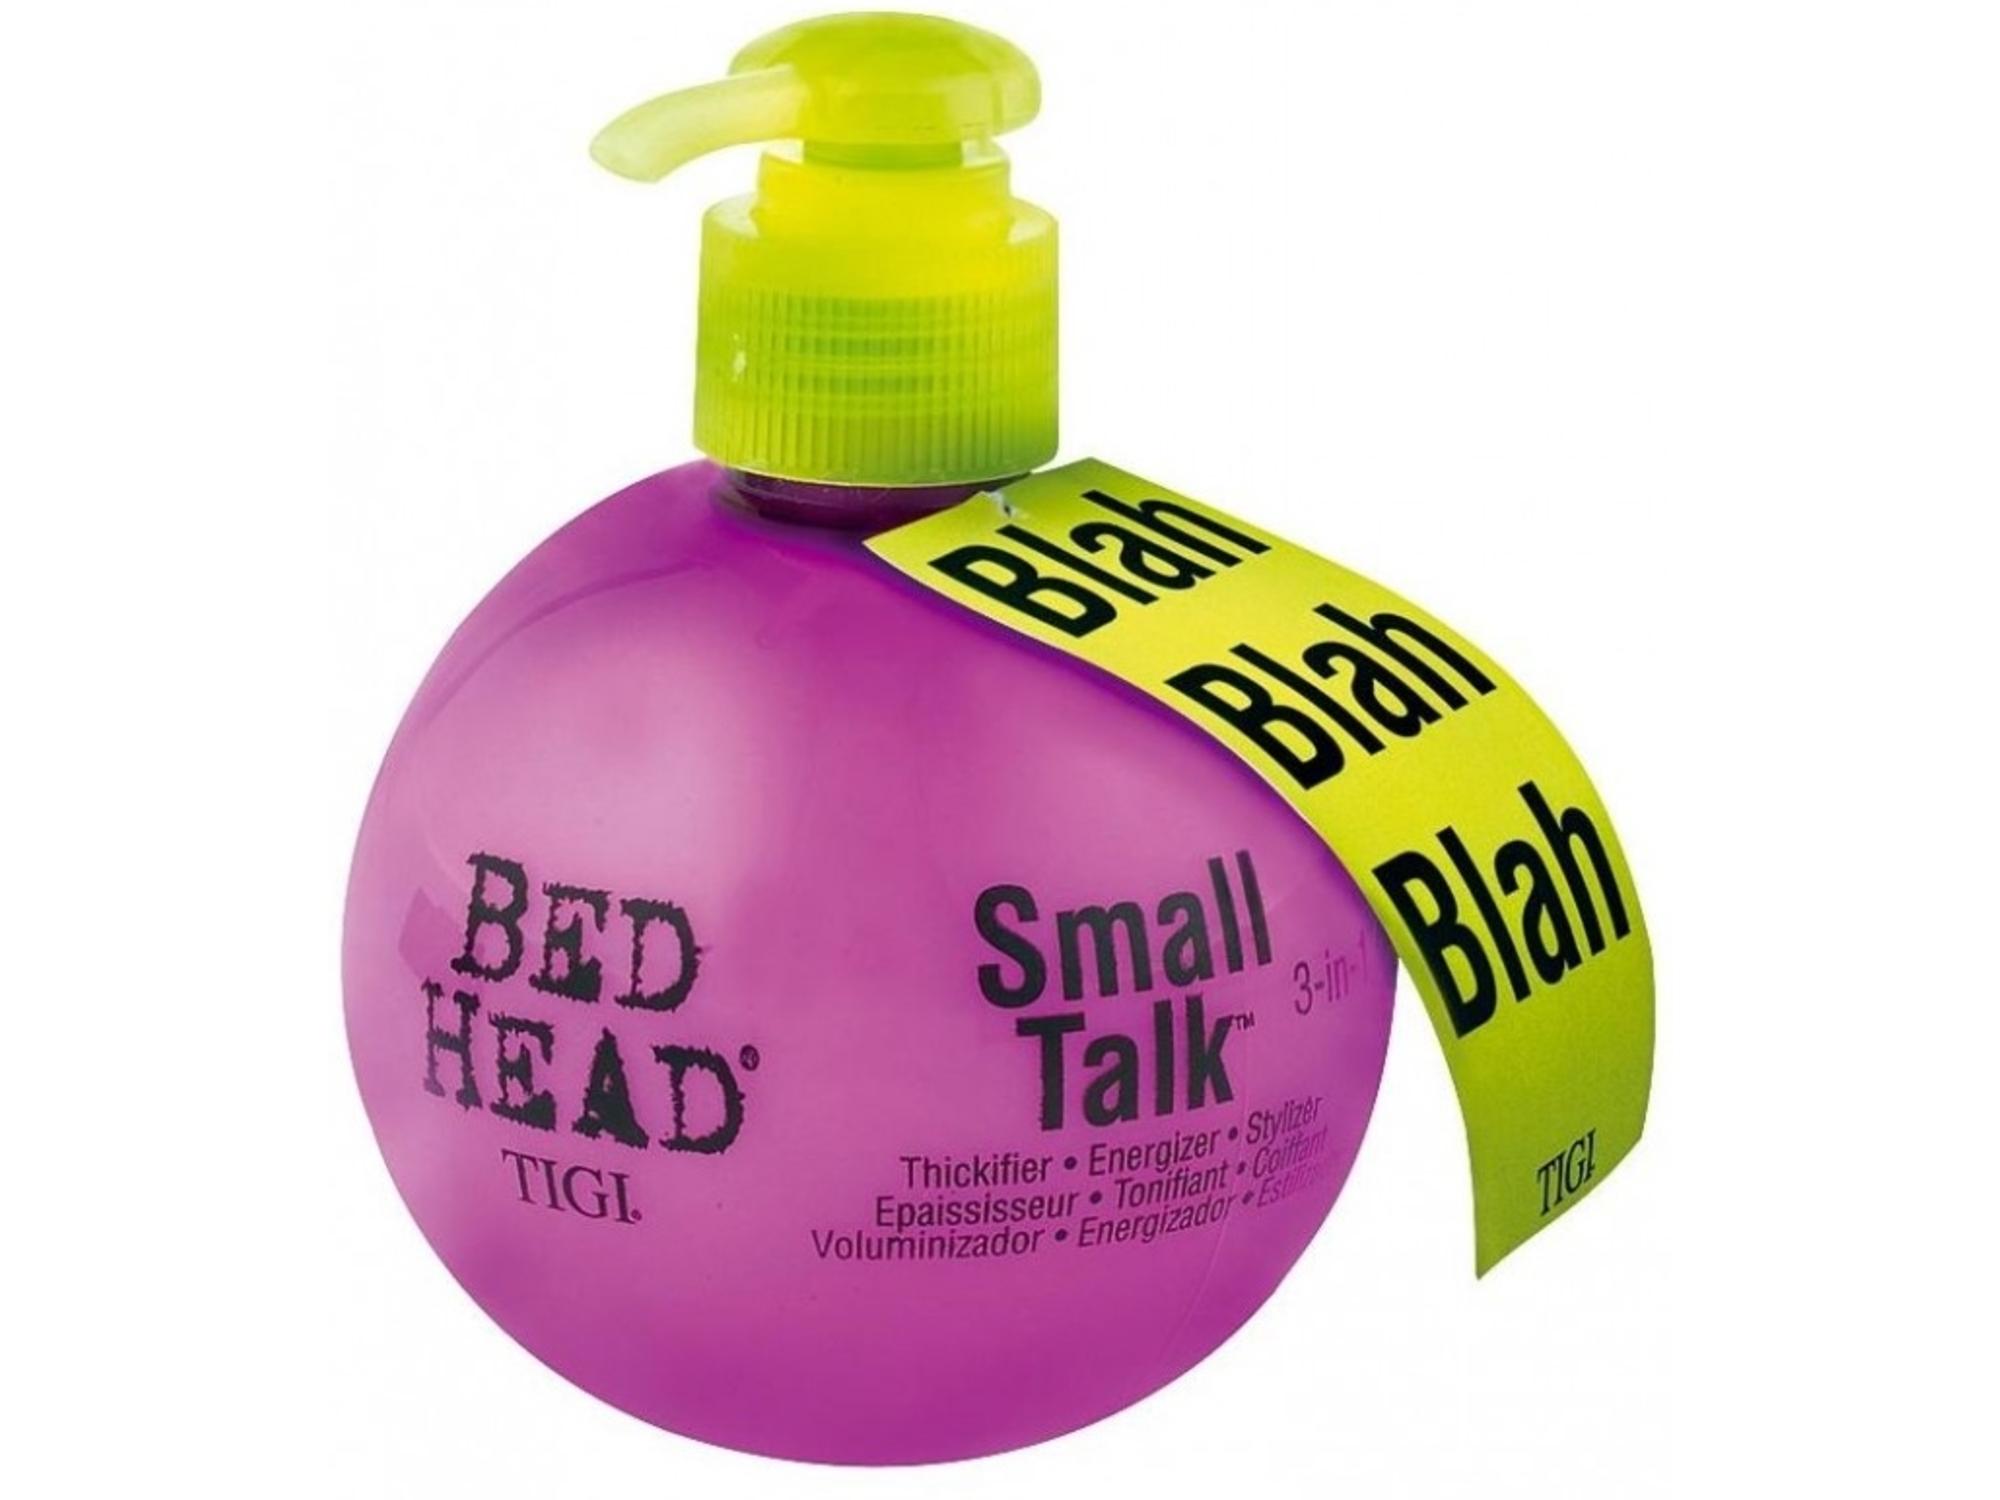 Tigi Lak za izredno močno obstojnost BED HEAD Small Talk 200 ml